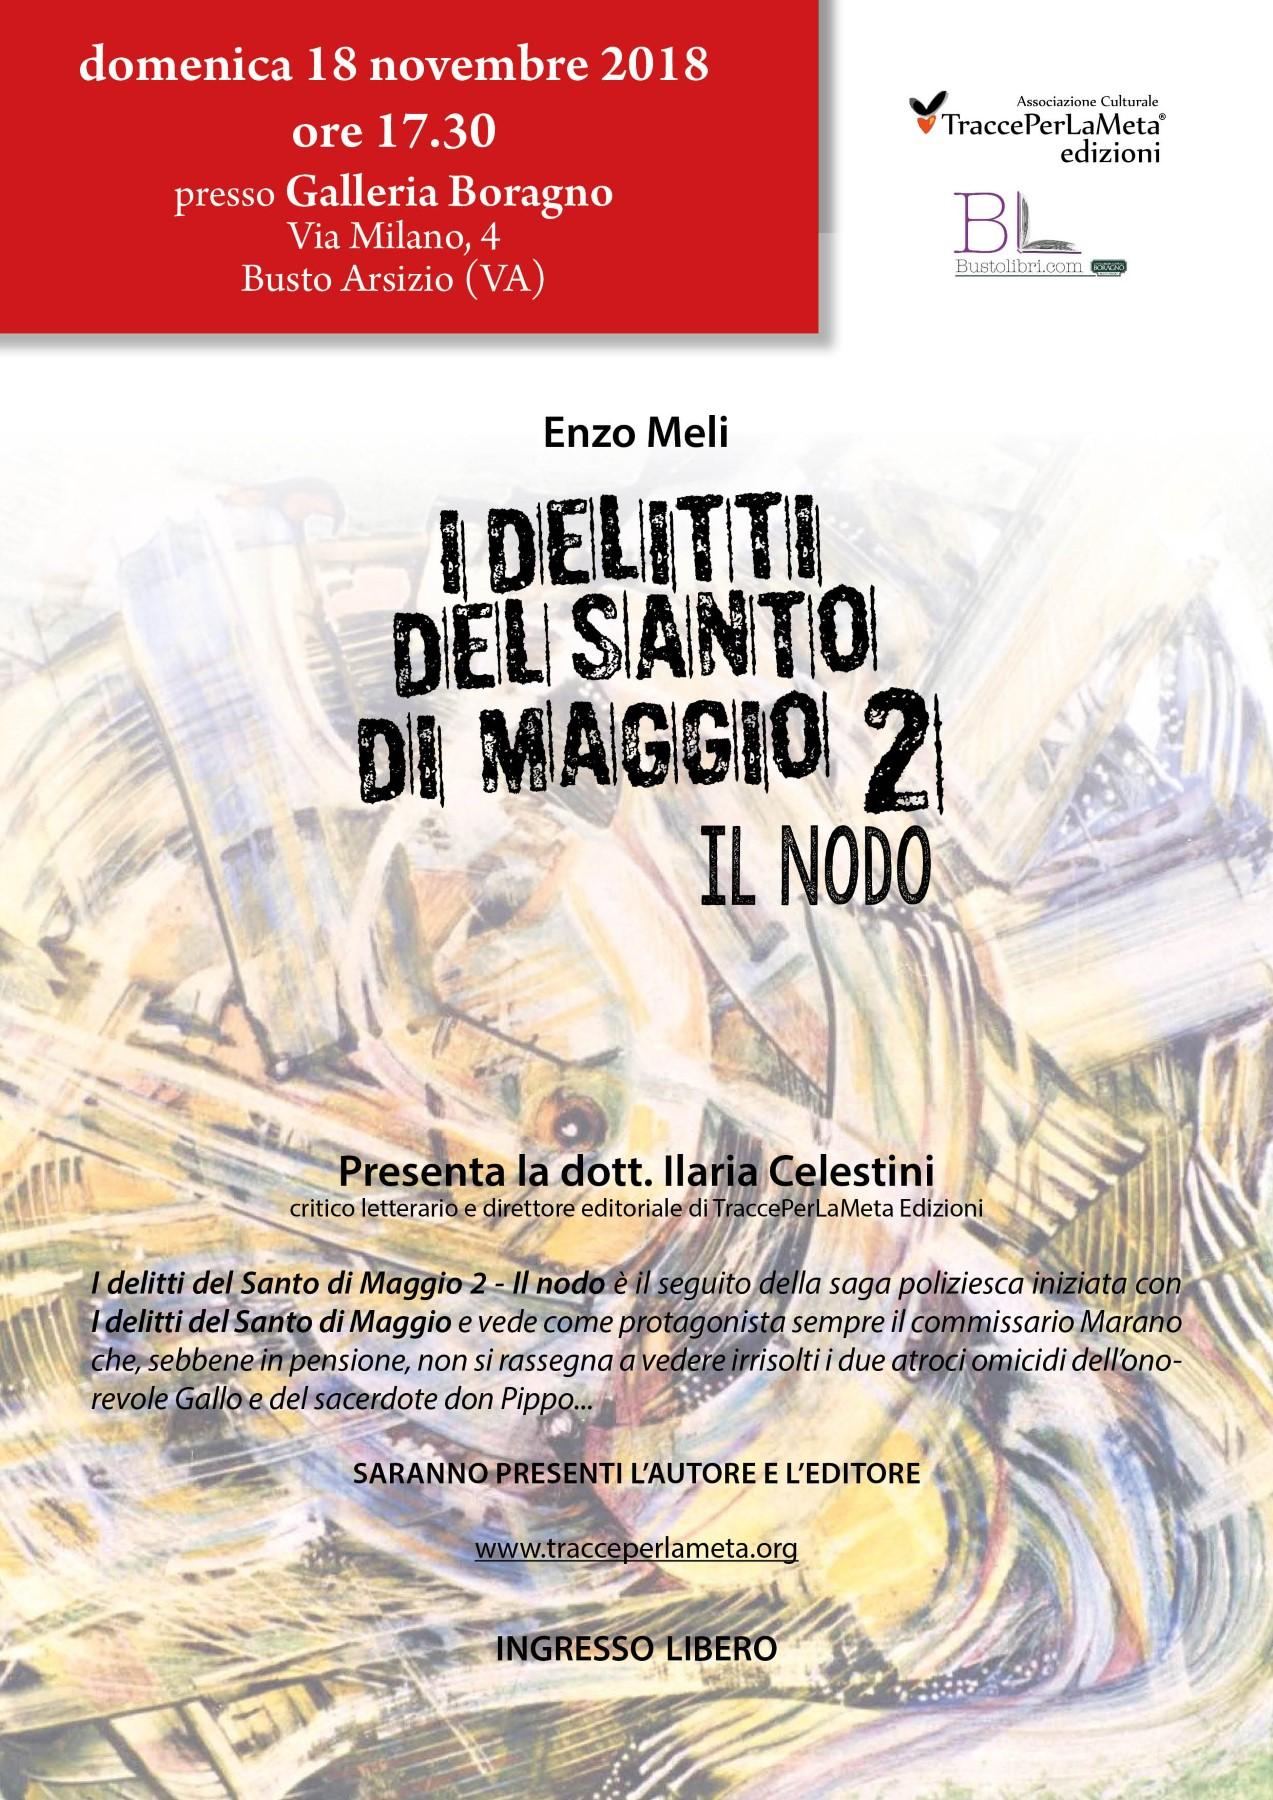 Tracce di Cultura – l'Inform@zione OnLine – Enzo Meli: scrivere libri come sceneggiature